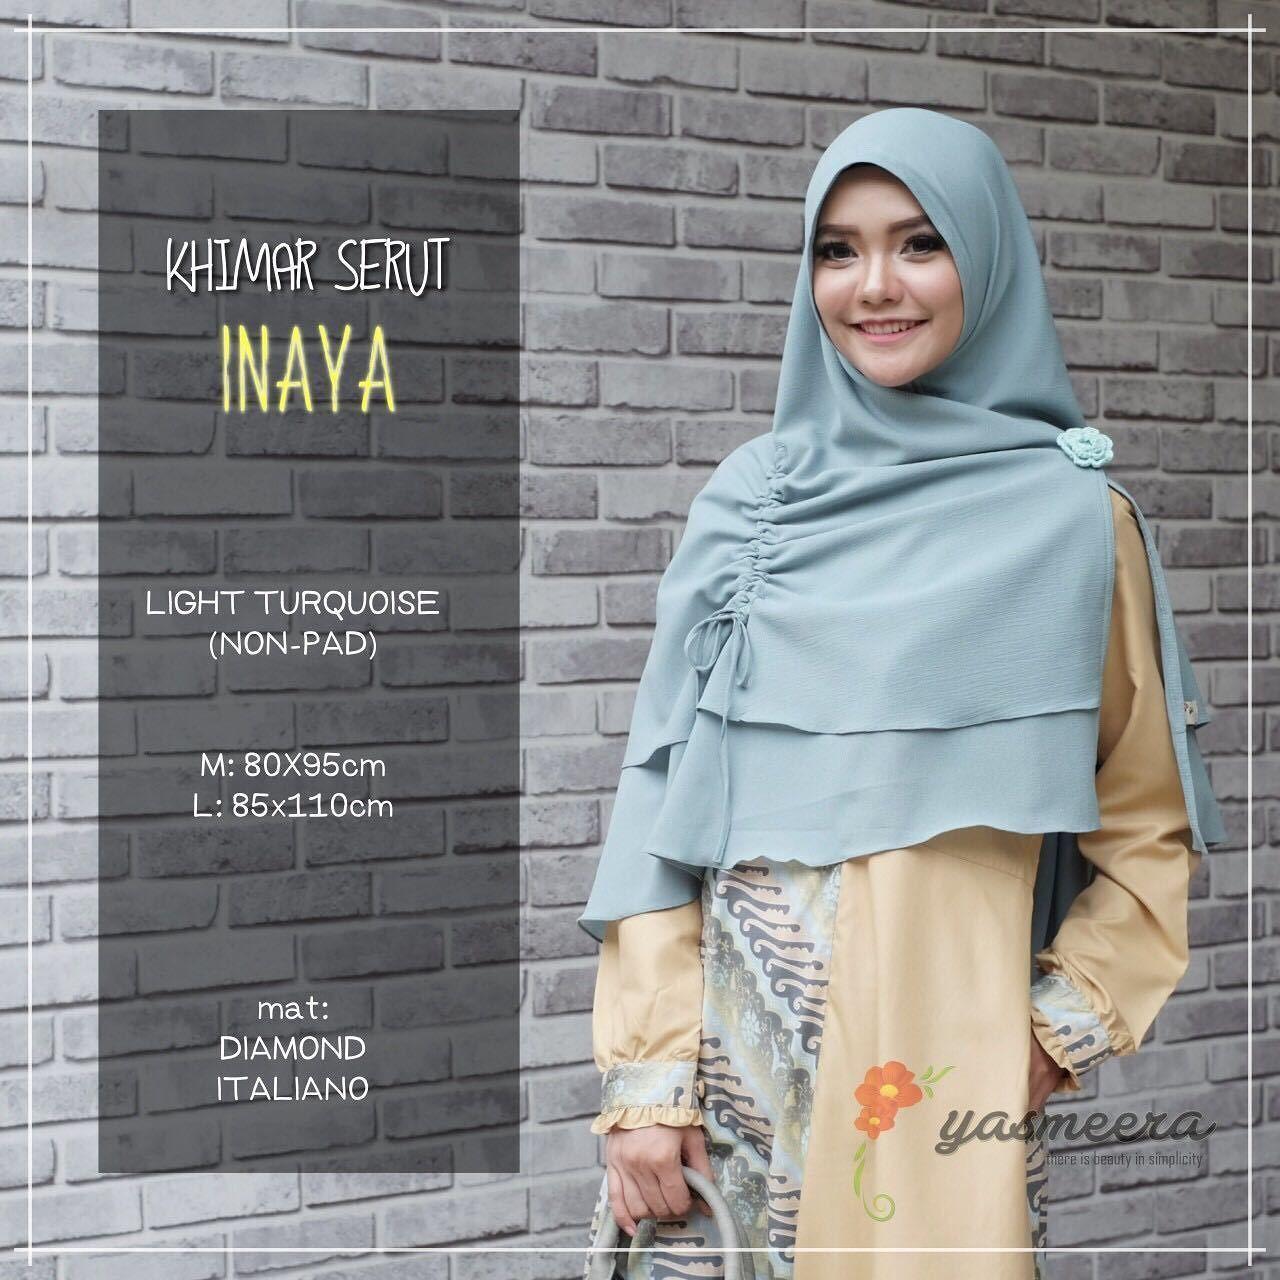 Yasmeera Khimar Serut Inaya Non Pad Light Turquoise - hijab